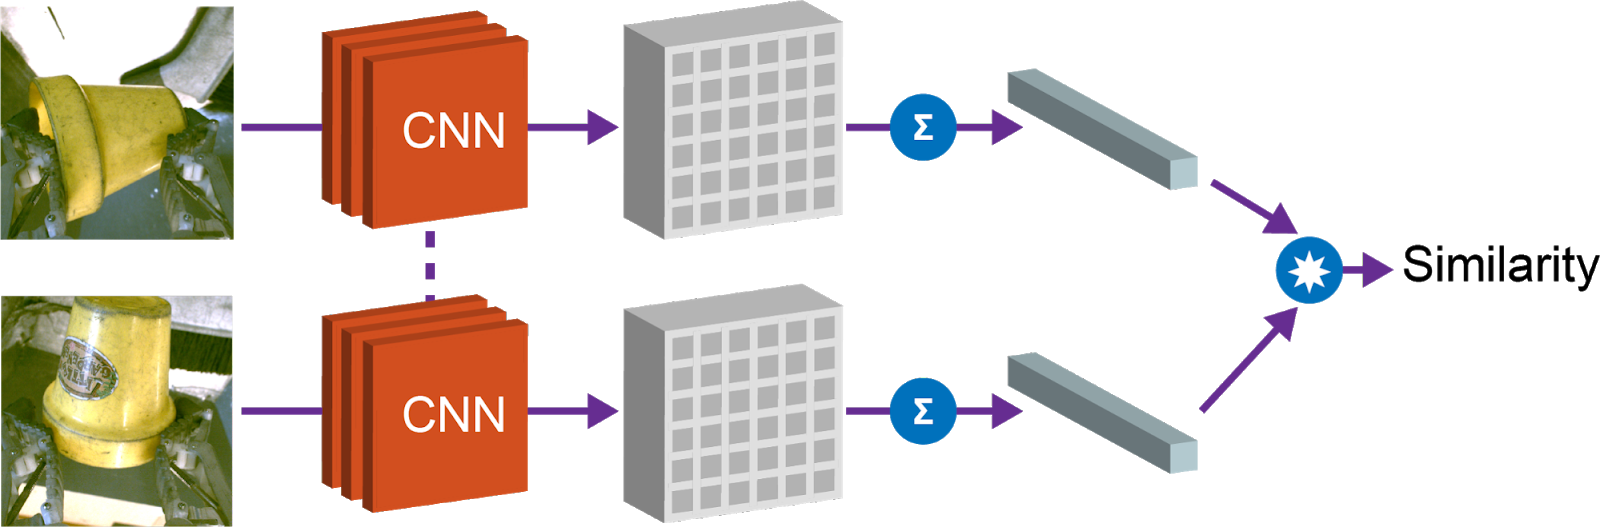 Grasp2Vec: обучение представлению объектов через захват с самостоятельным обучением - 6